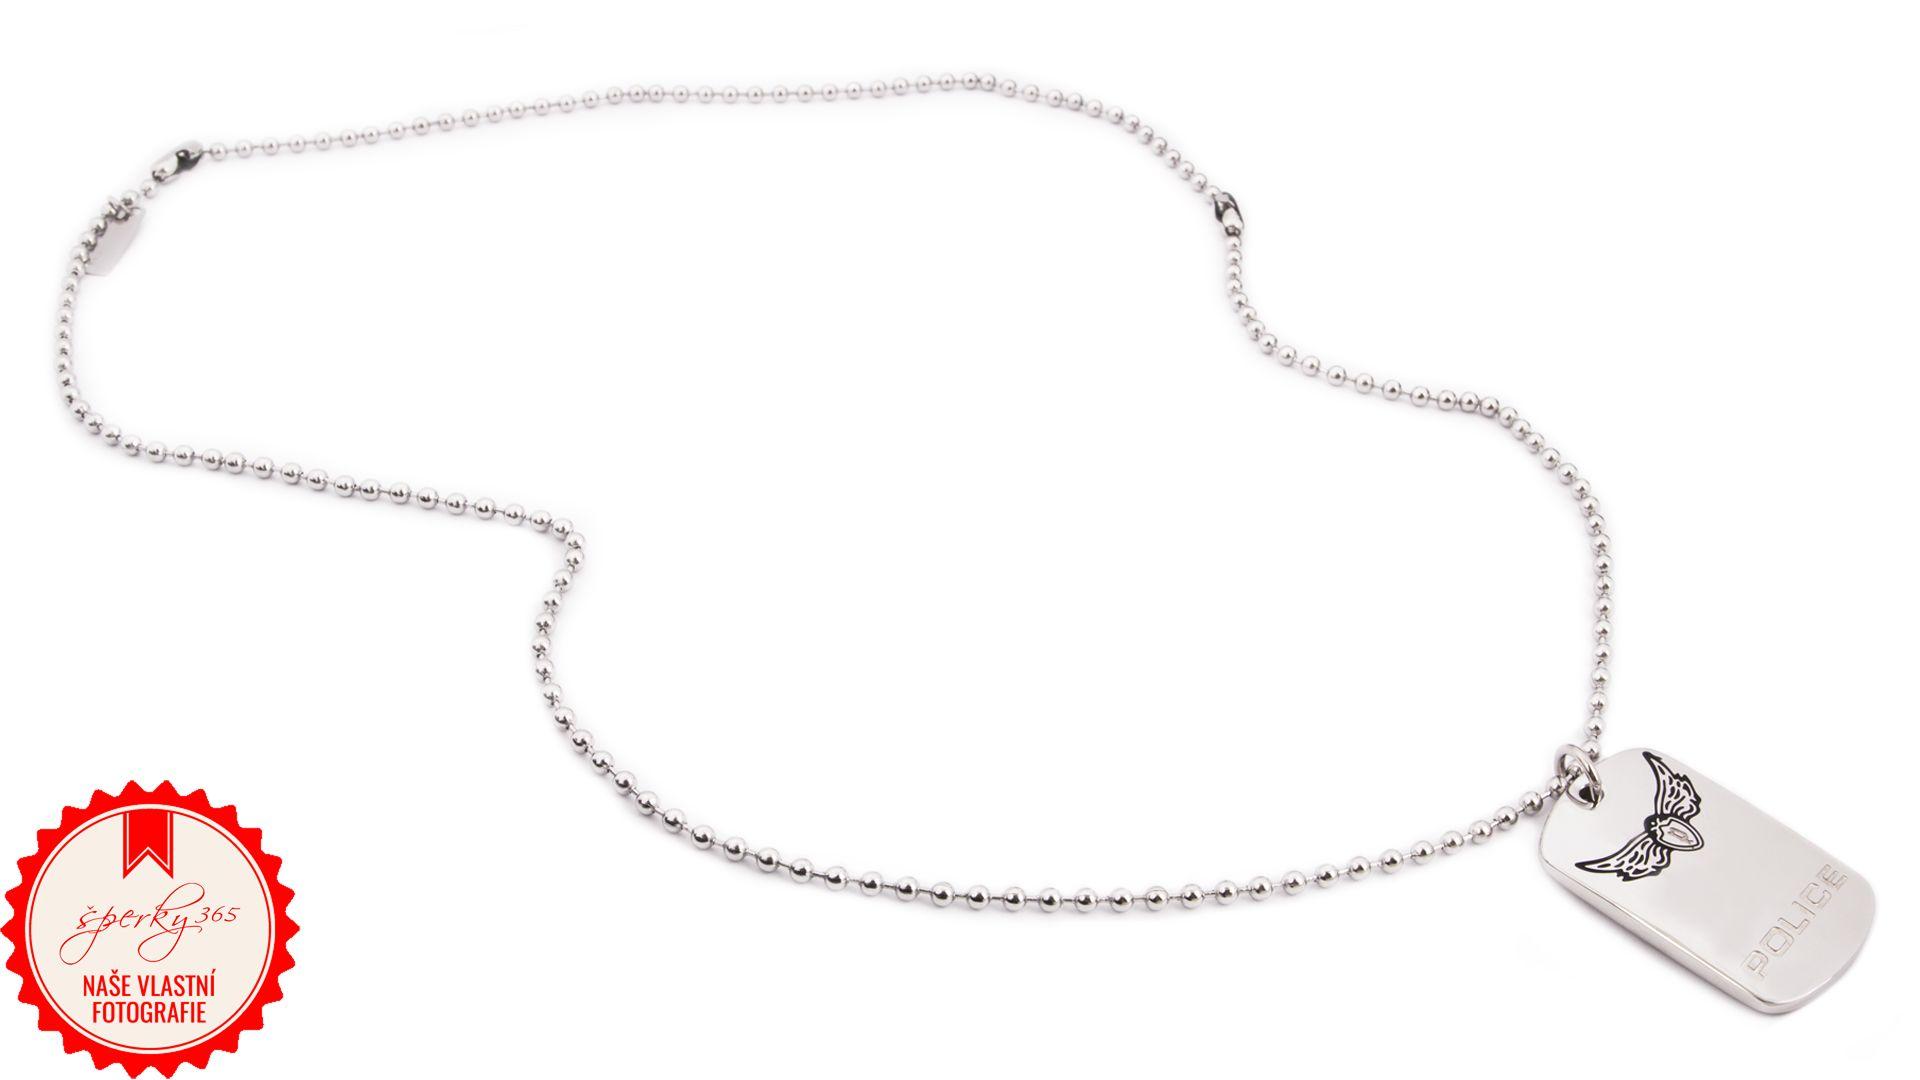 ... Pánský náhrdelník z chirurgické oceli Police PJ24229PSS 01. Foto   Nikola Liberdová 8df6d7c8531